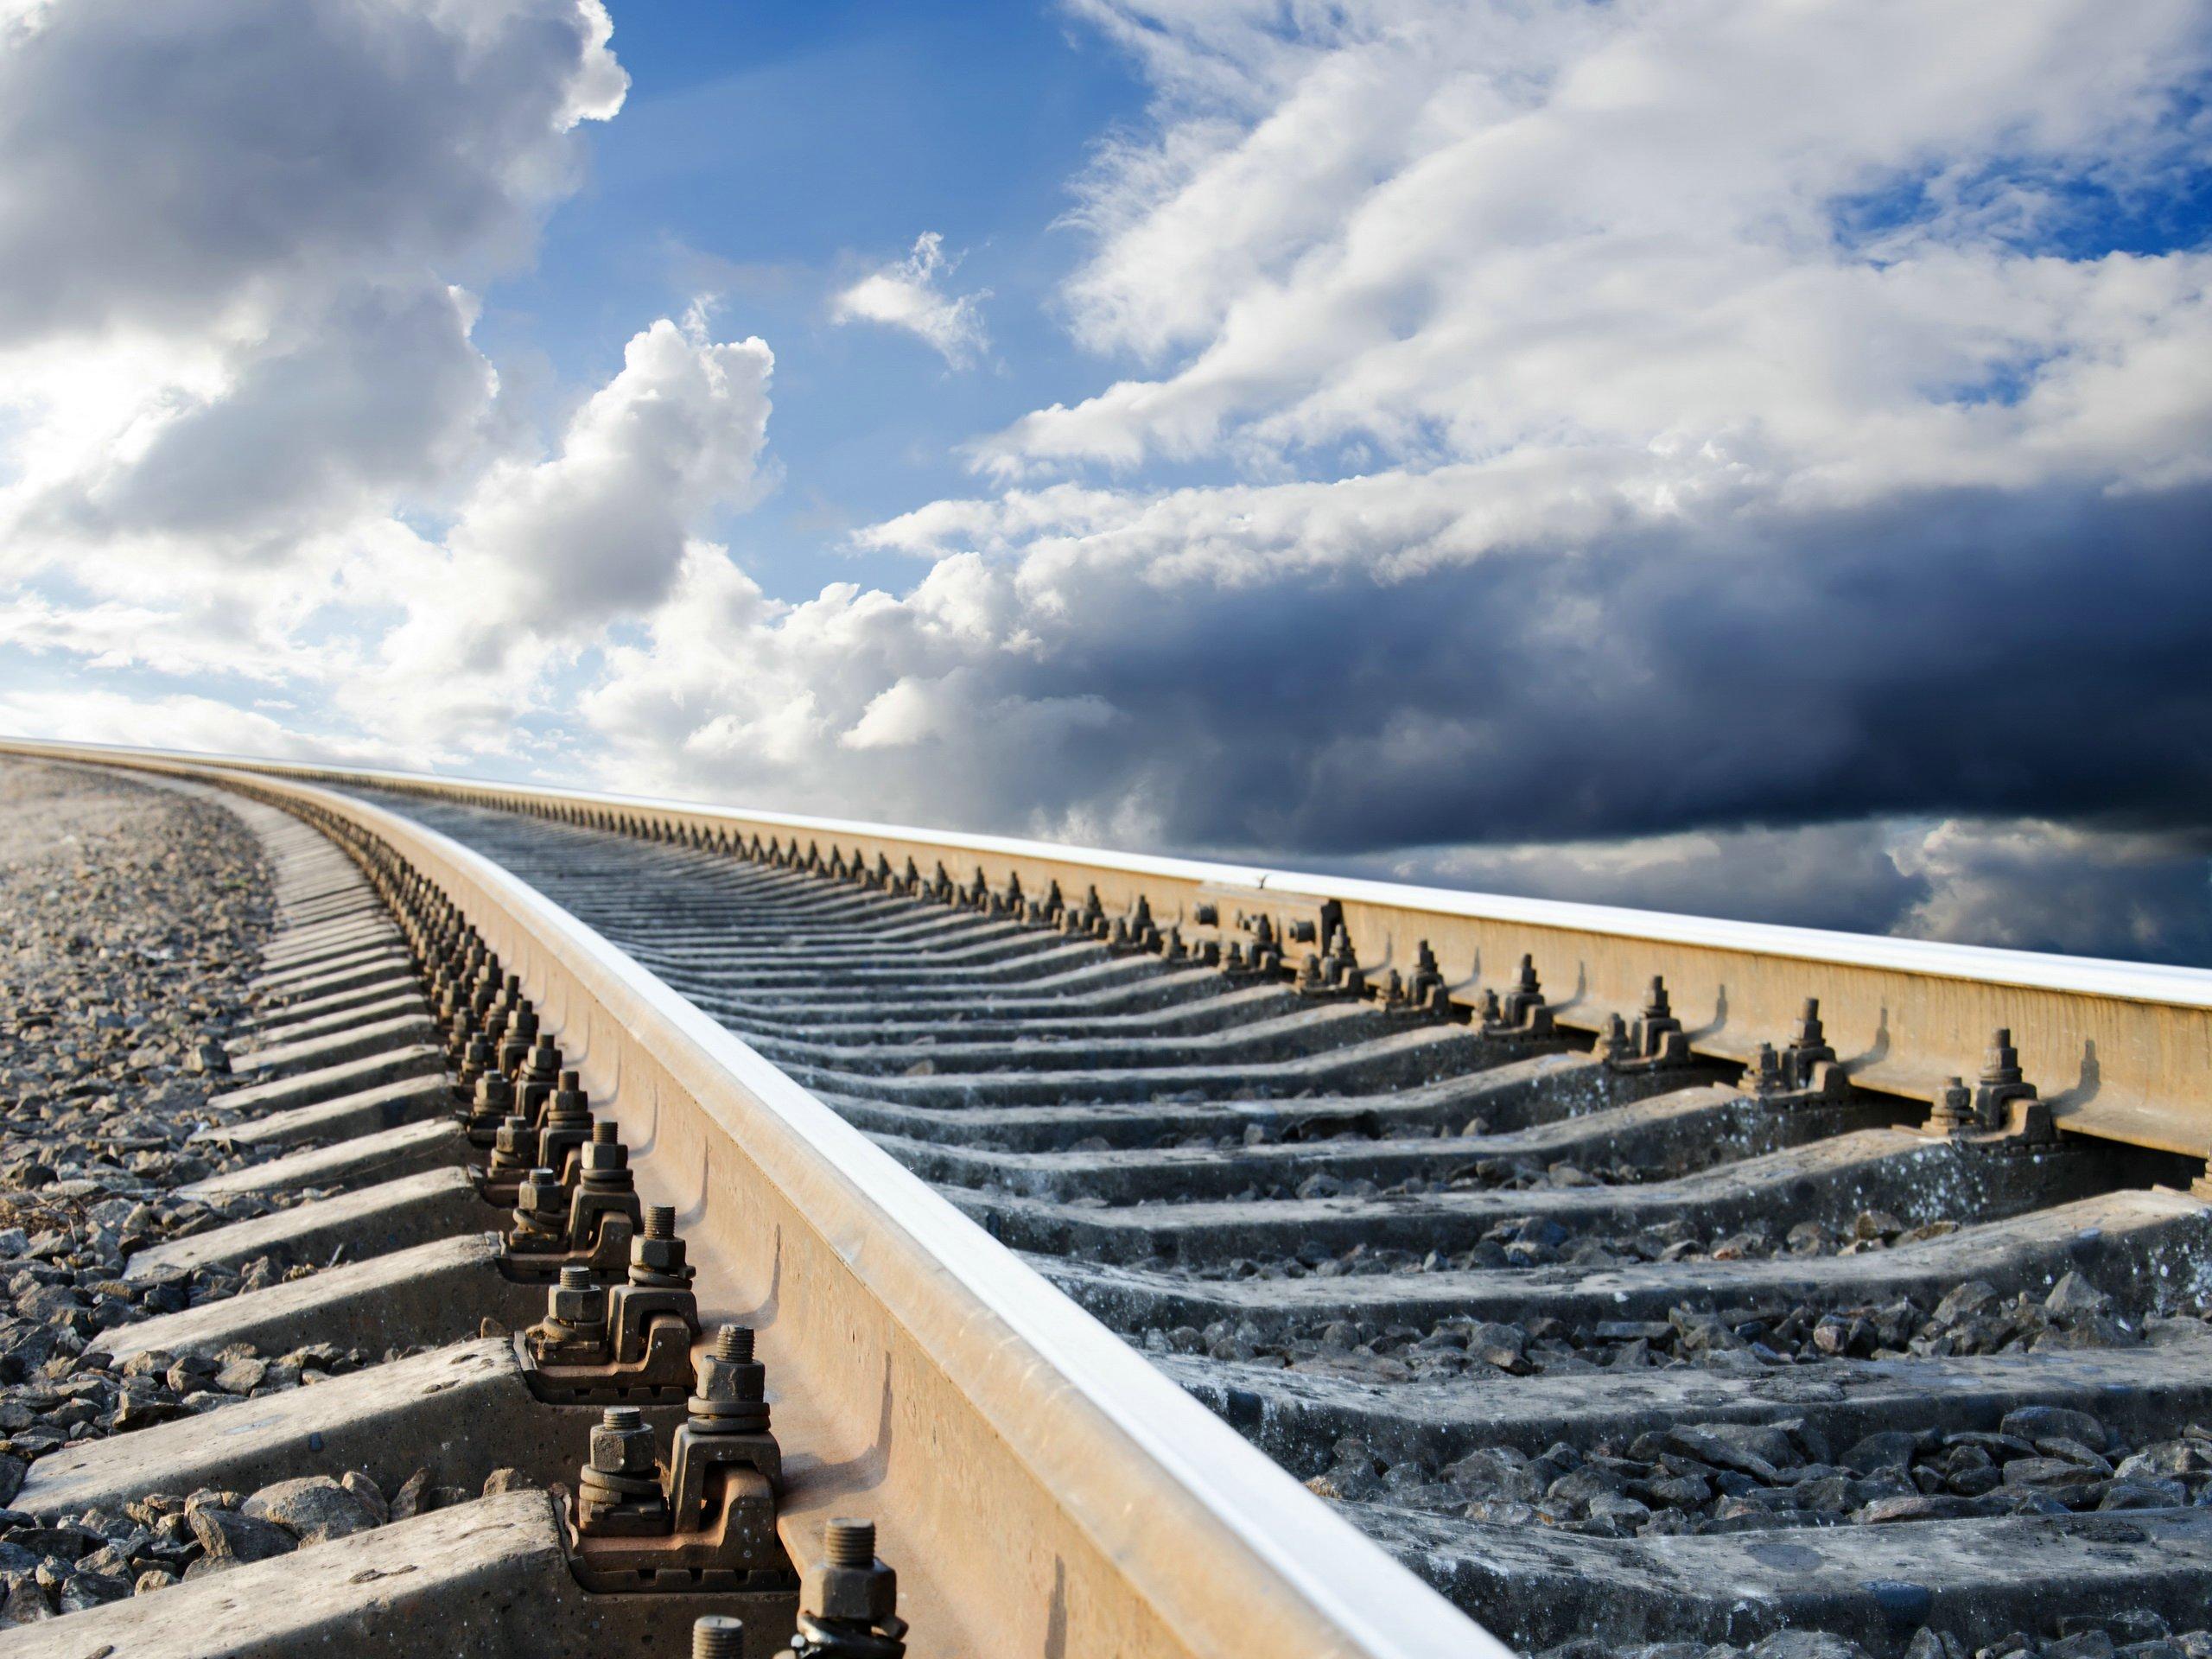 Южная железная дорога принесла несчастье десяткам украинцев